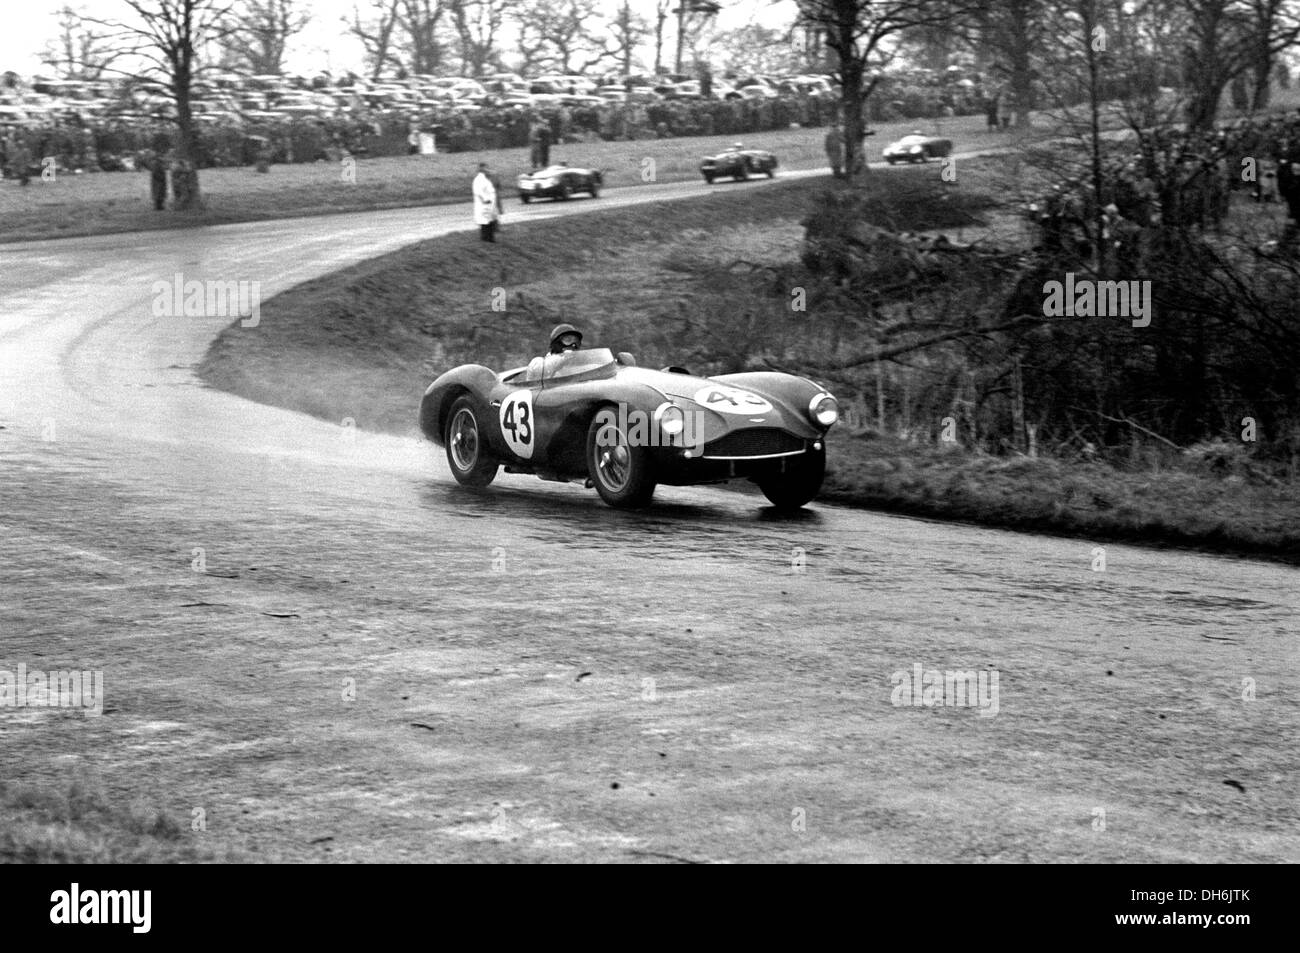 Ken Wharton Rennen in einem Aston Martin DB3S Veredelung 11. in der British Empire Trophy, Oulton Park, England Stockbild